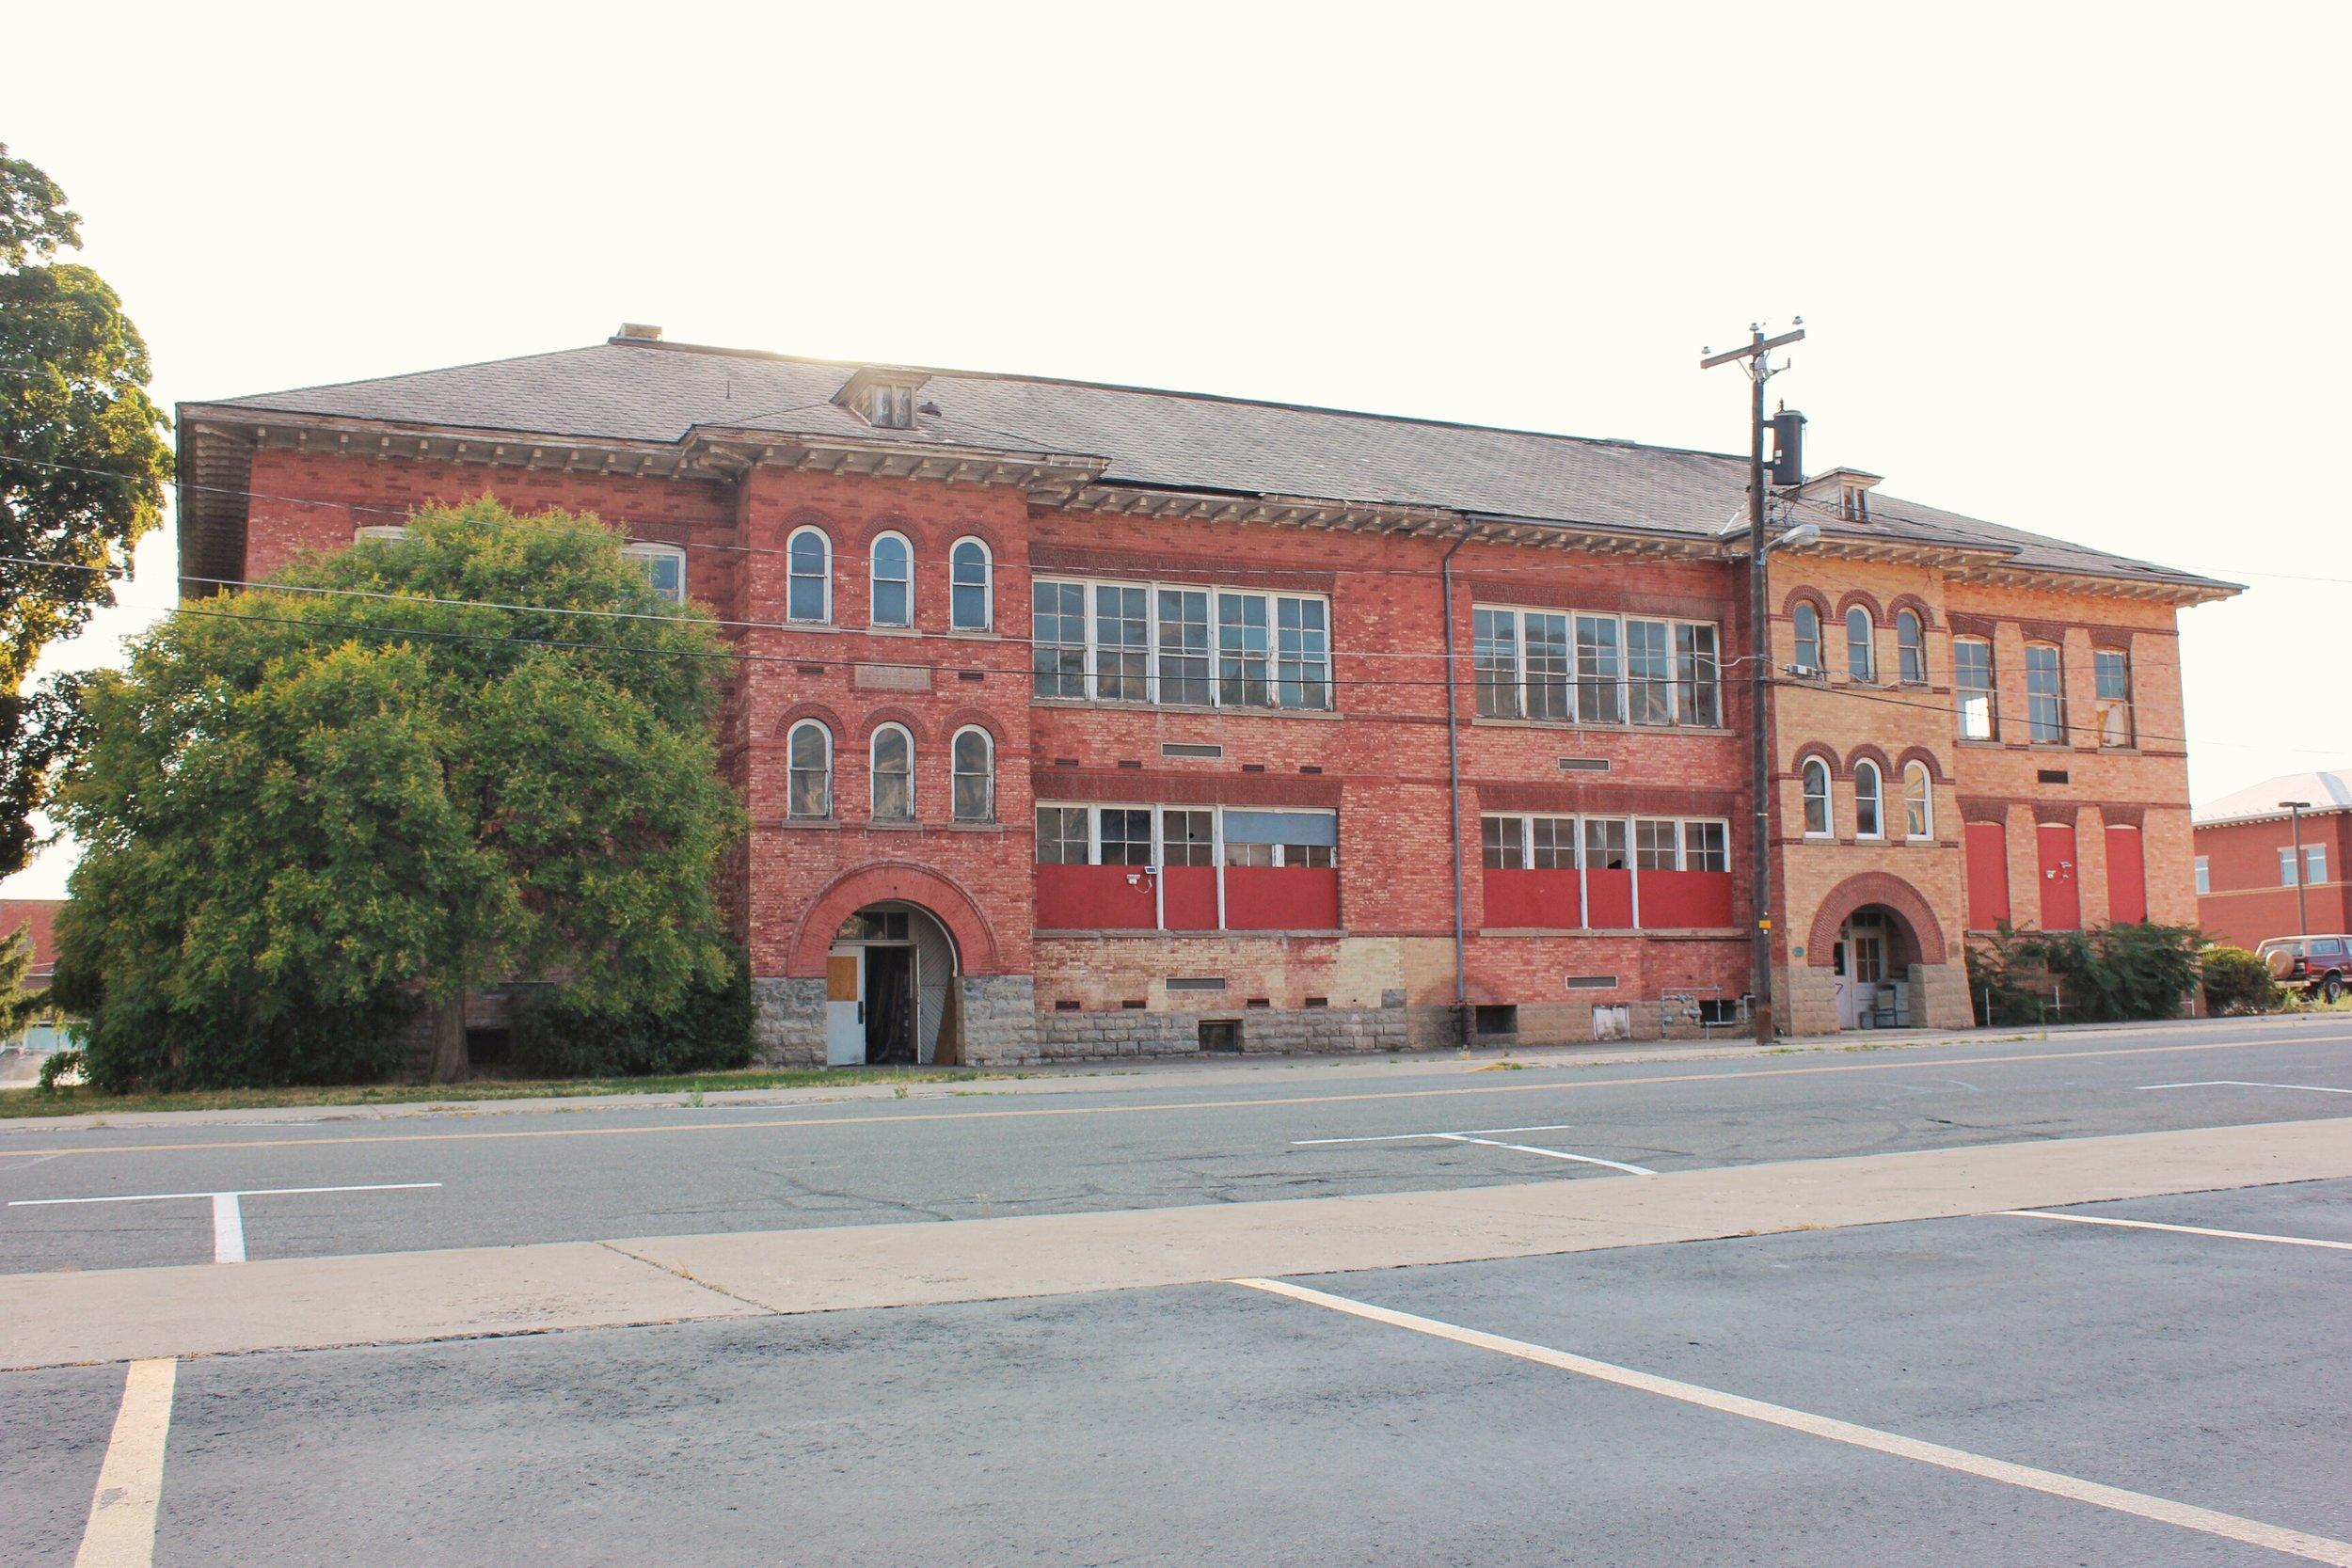 Harrington School